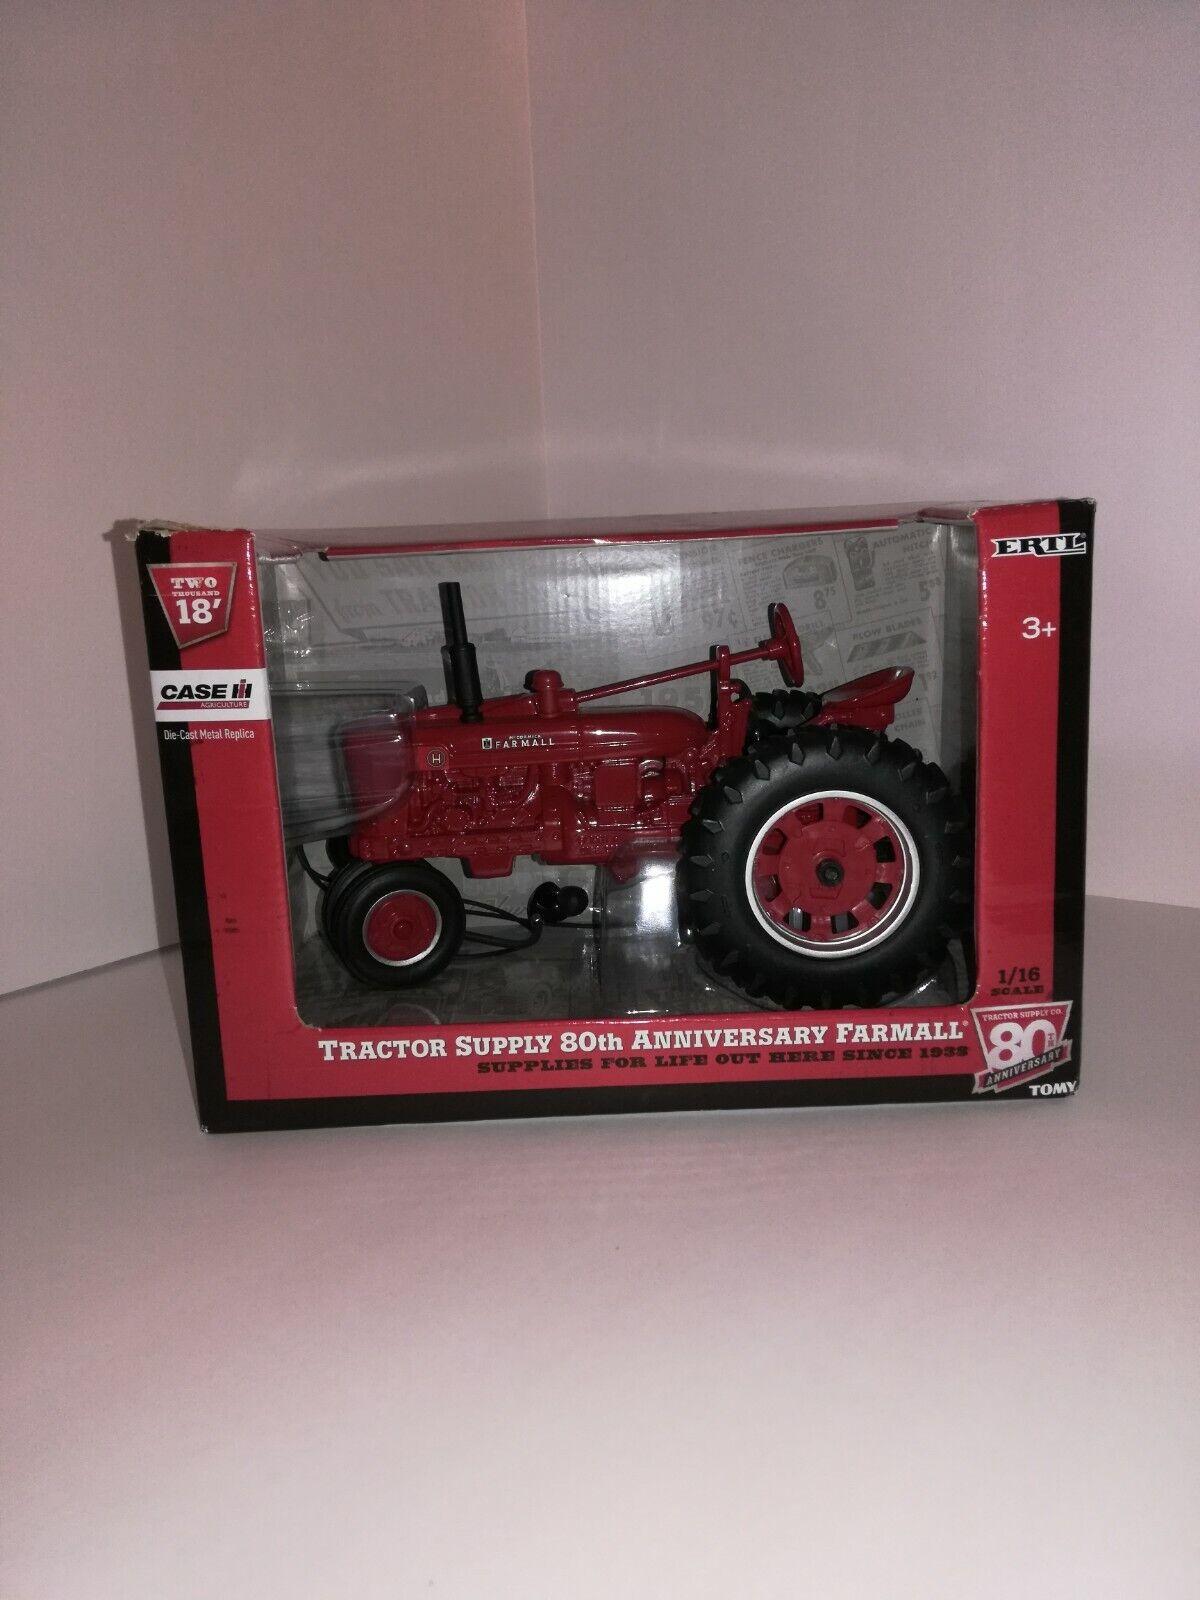 Tractor Supply 80th Anniversary Farmall Tractor